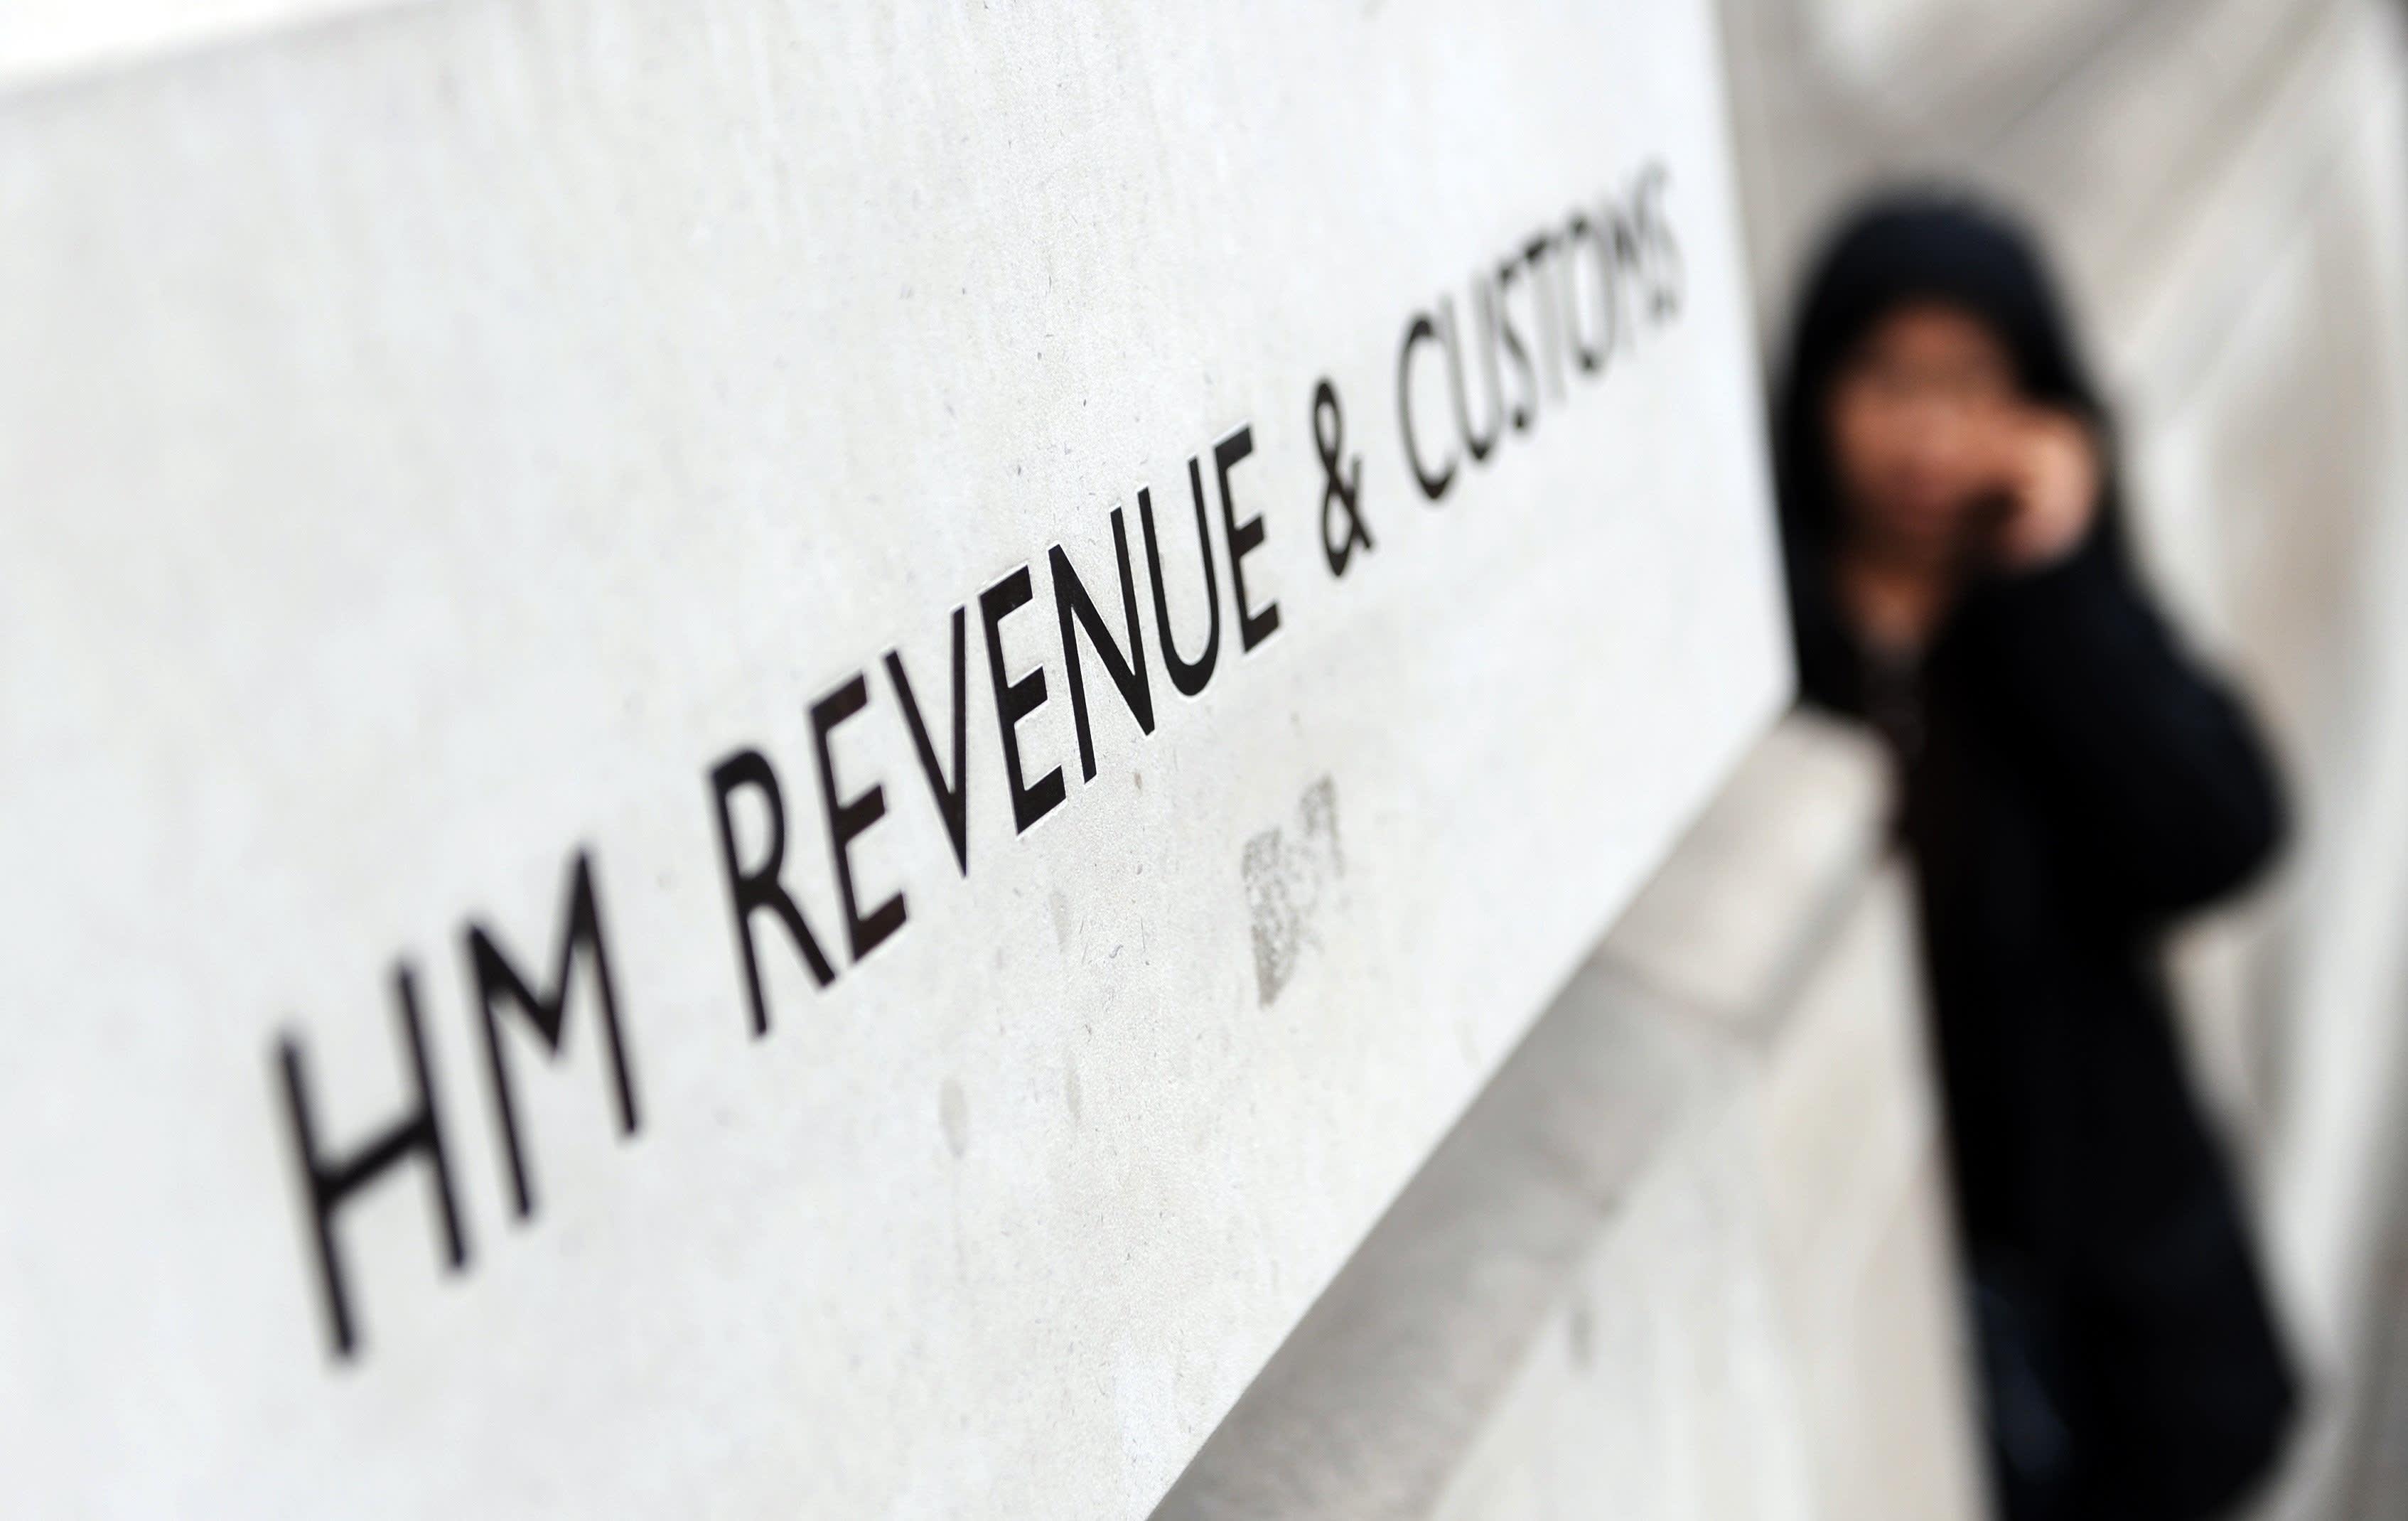 HMRC in dark about tax allowance breaches